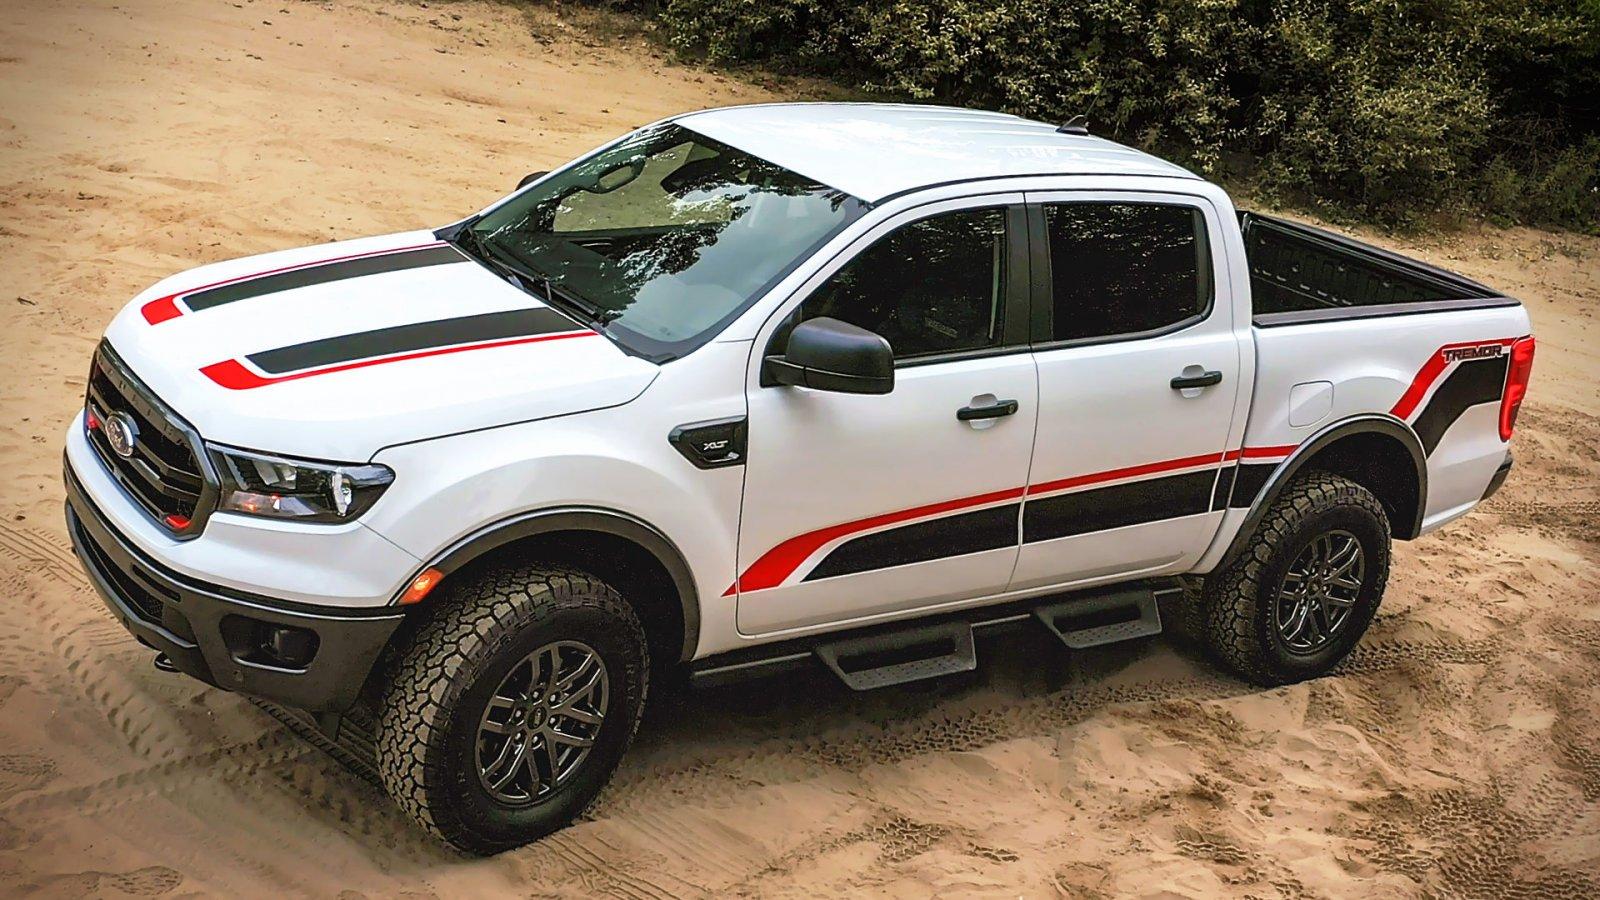 2021-ford-ranger-tremor-white.jpg